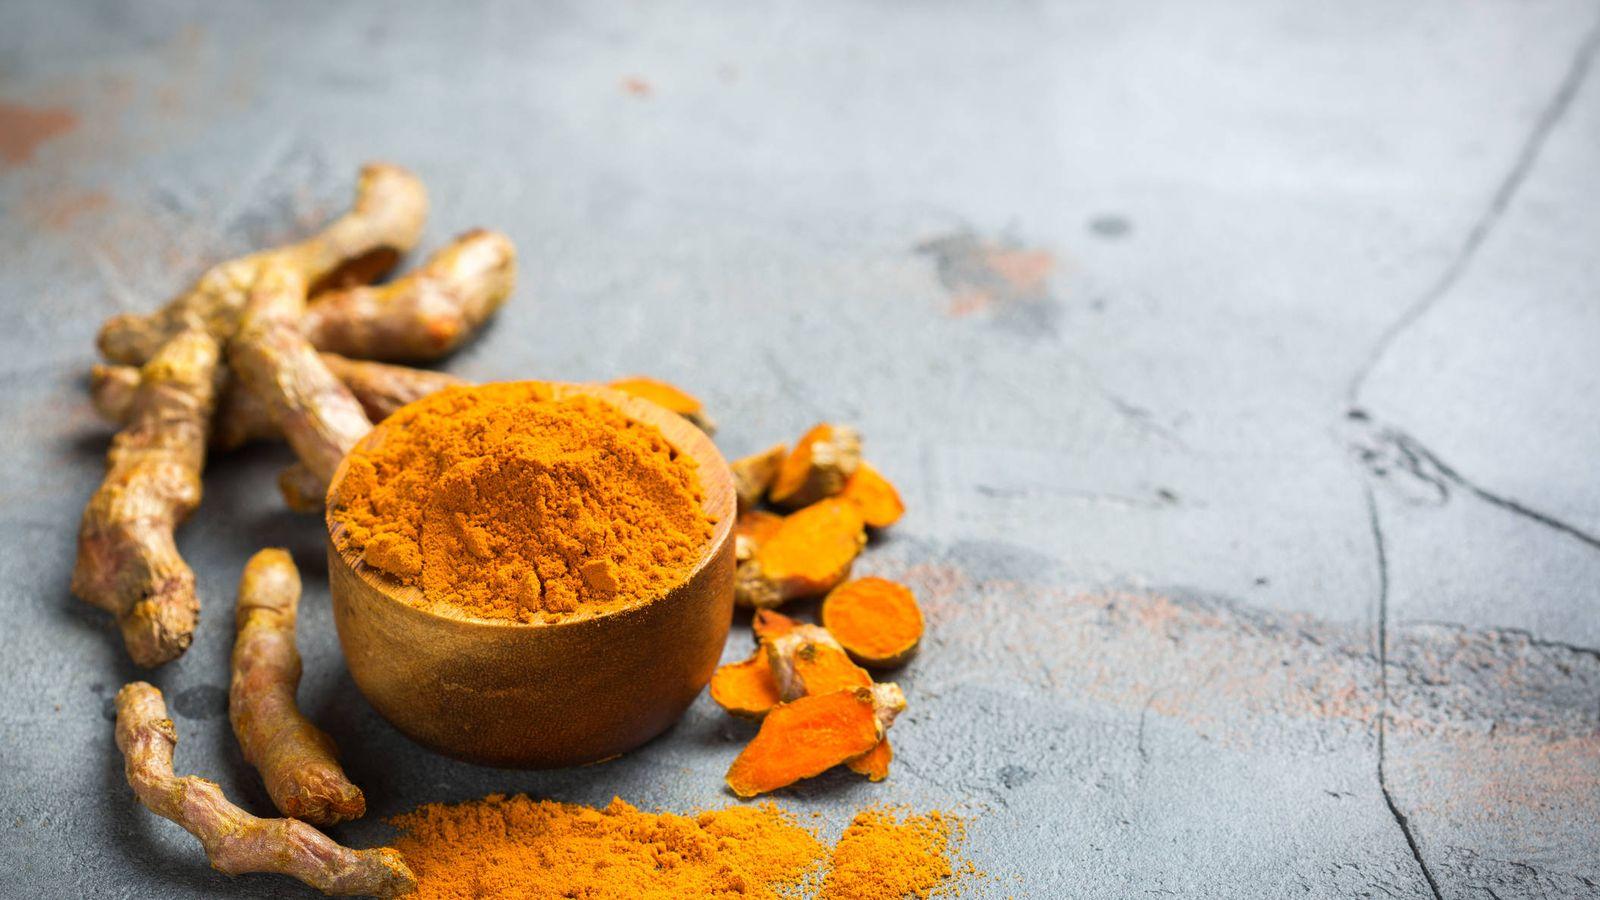 Foto: La raíz y el preciado polvo anaranjado. (iStock)